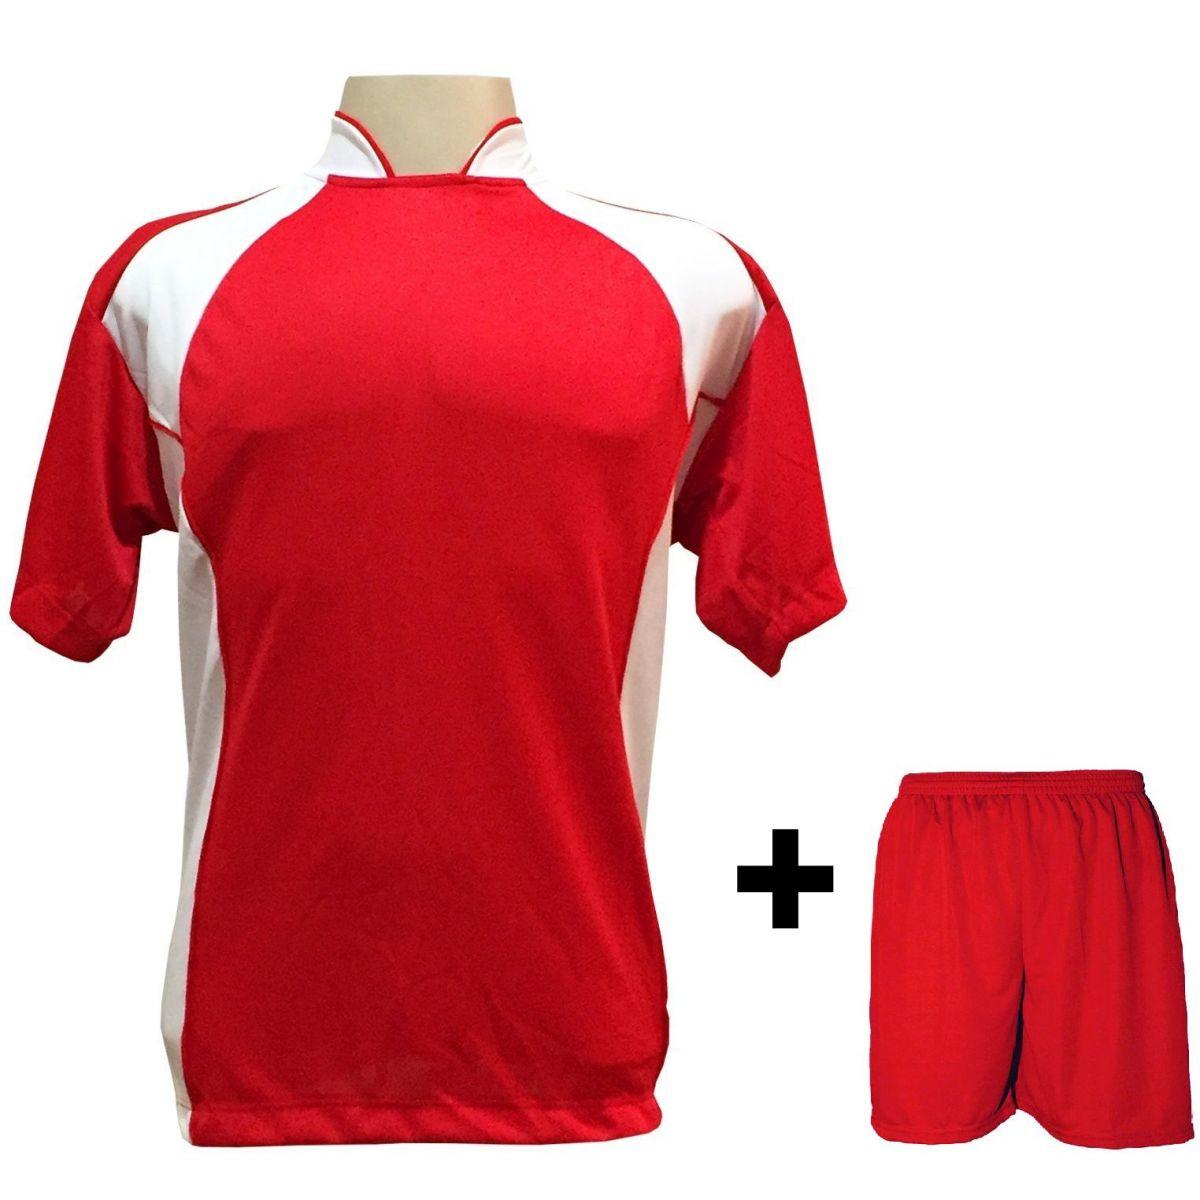 Uniforme Esportivo com 14 Camisas modelo Suécia Vermelho/Branco + 14 Calções modelo Madrid Vermelho